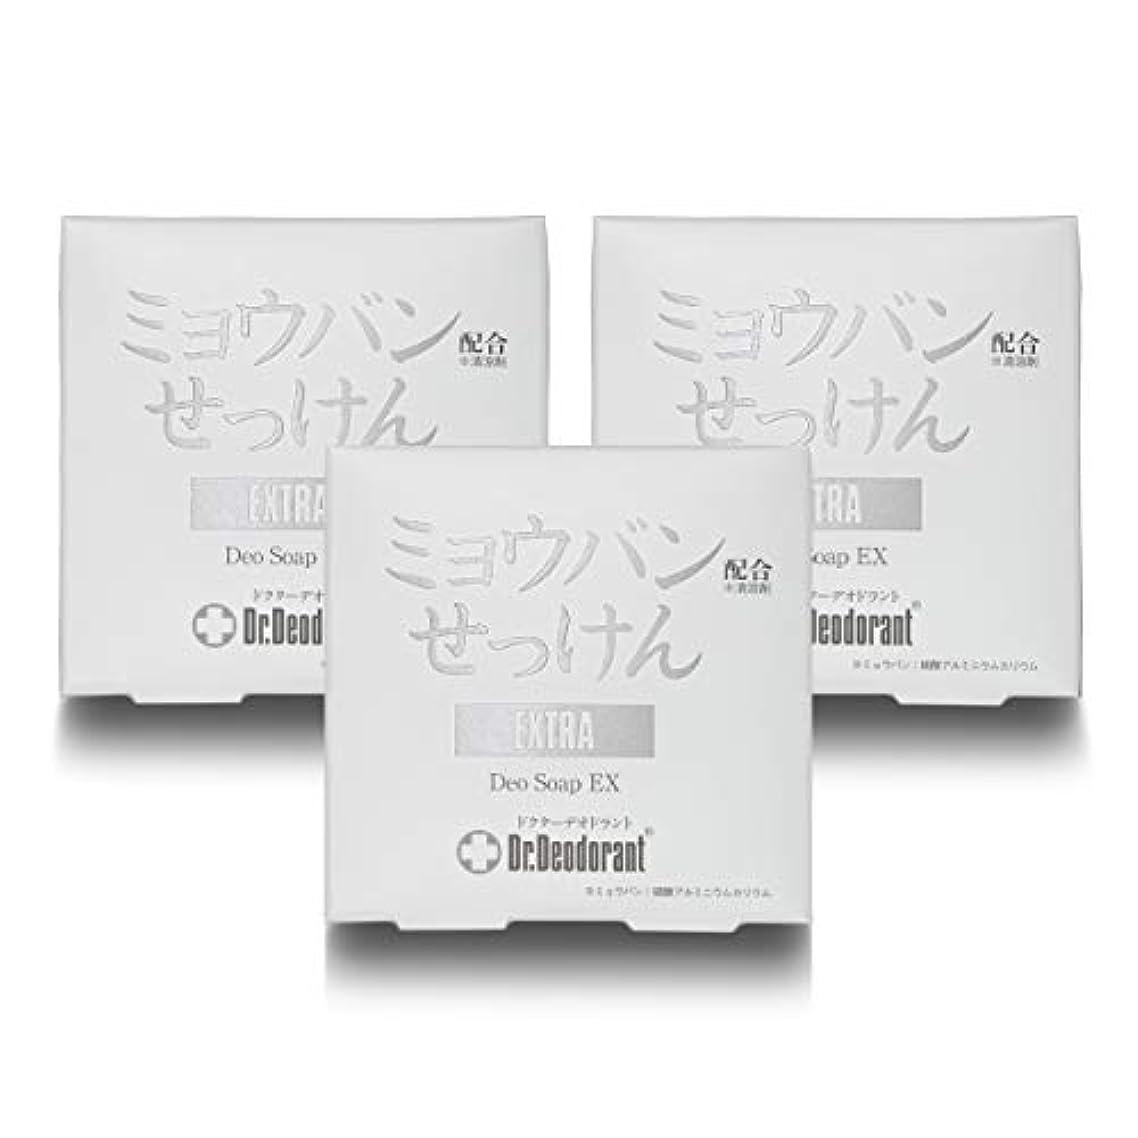 ミュート喉が渇いたダイヤルドクターデオドラント 薬用ミョウバンせっけんEX (3個セット)